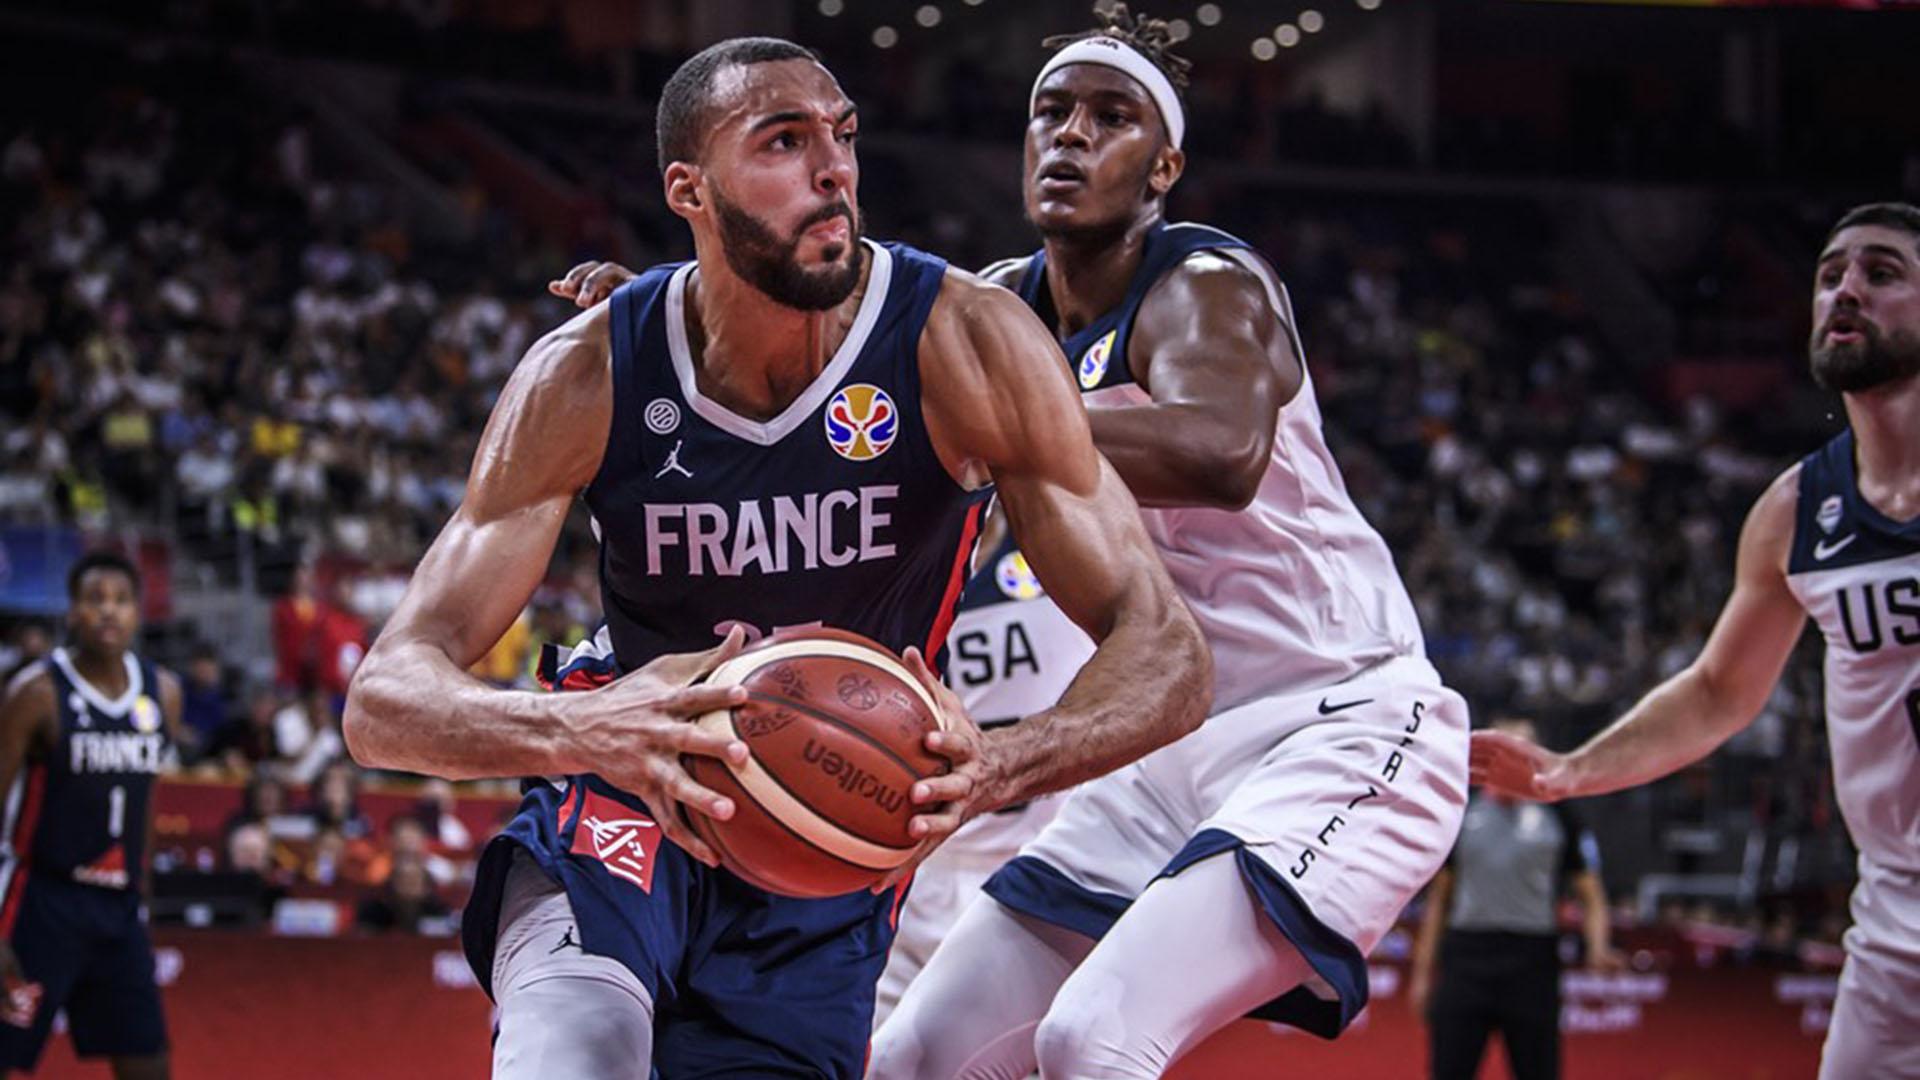 Resultado de imagen para Rudy Gobert, Francia, Utah Jazz